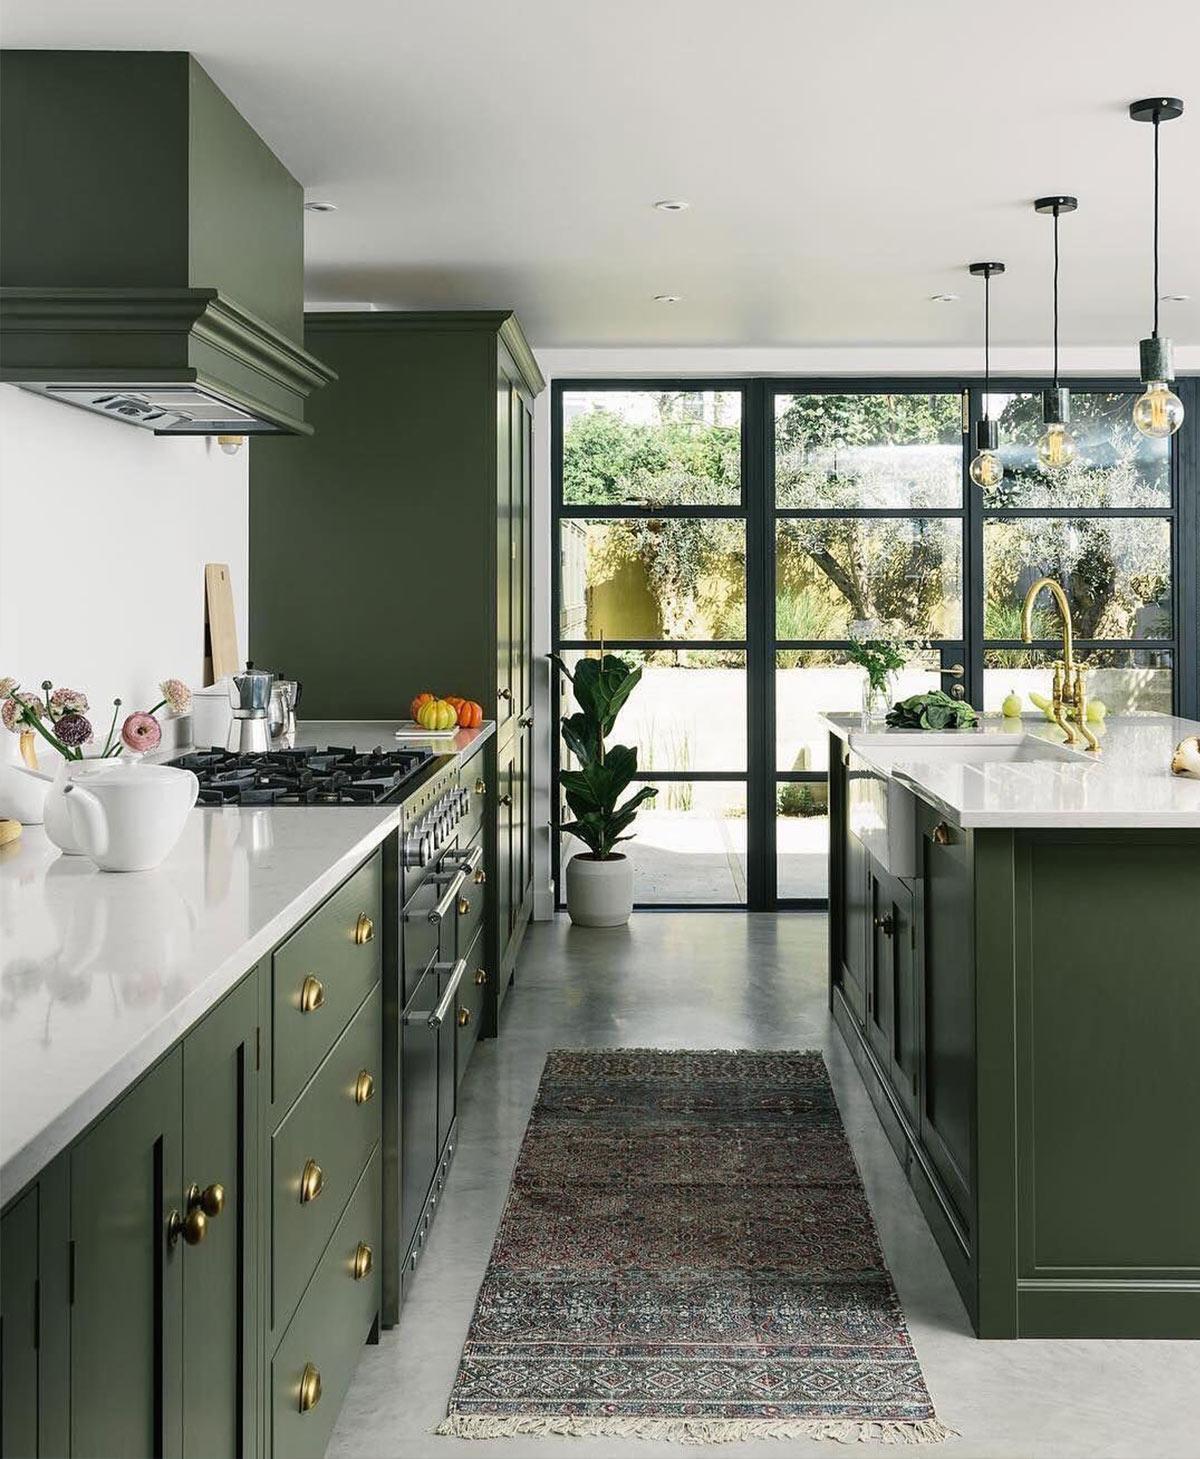 thiết kế phòng bếp theo tone màu chủ đạo